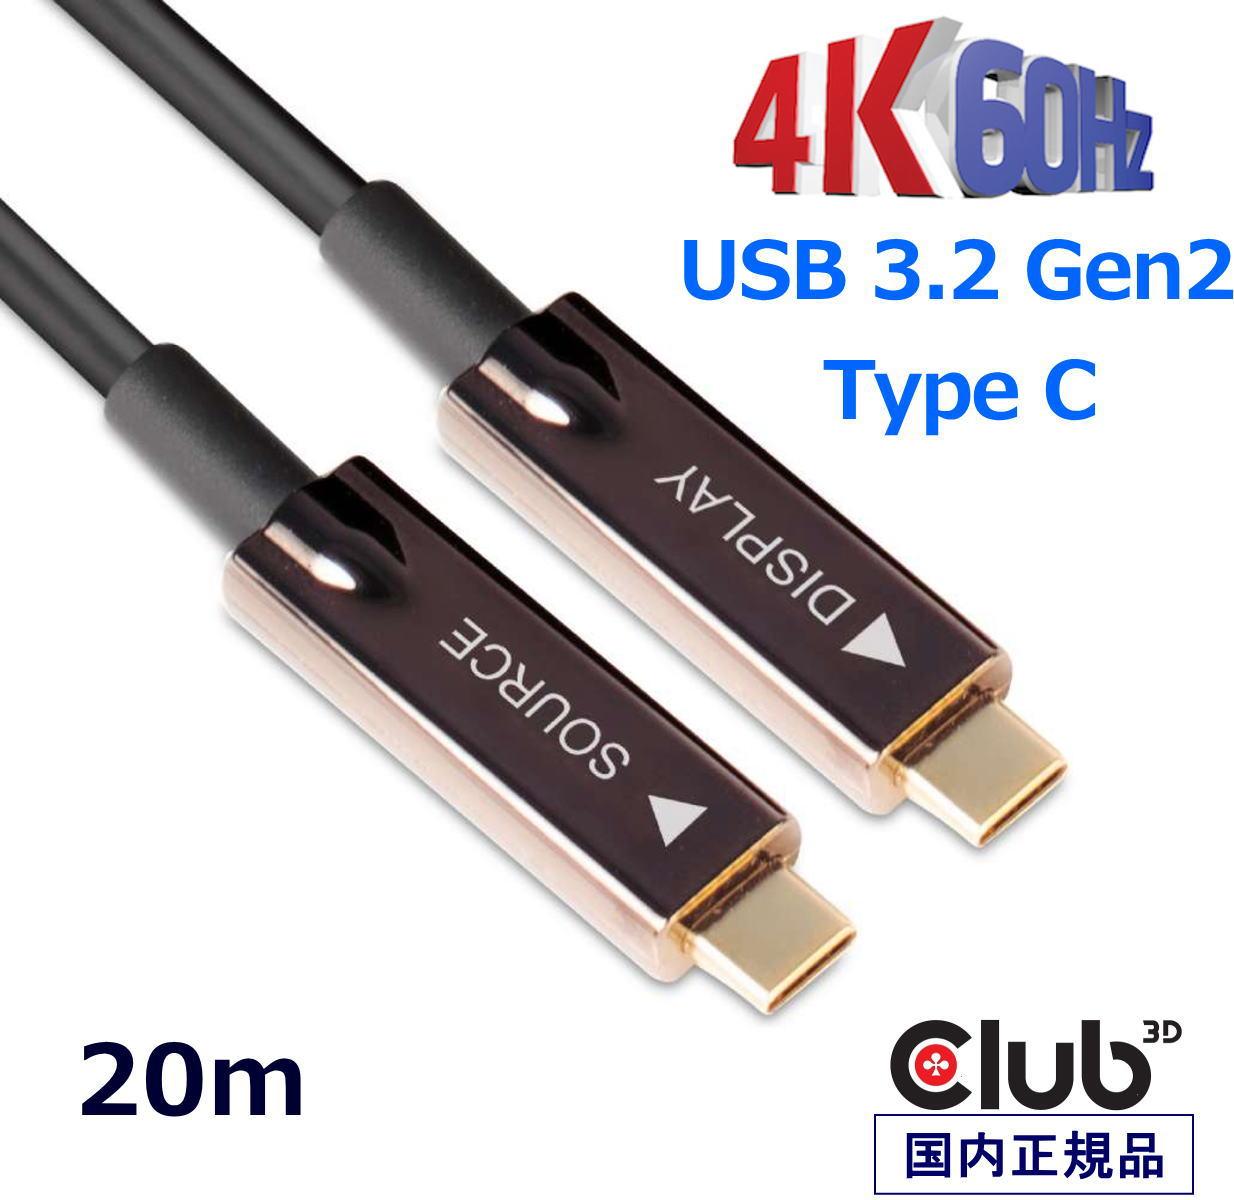 1本のケーブルでUSB 3.2 Gen 2 データを長距離転送 国内正規品 Club3D USB Gen 2 Type C アクティブ 光ケーブル オーディオ/ビデオ 一方向 オス/オス 10Gbps 20 m/ 65.62 ft (CAC-1589)